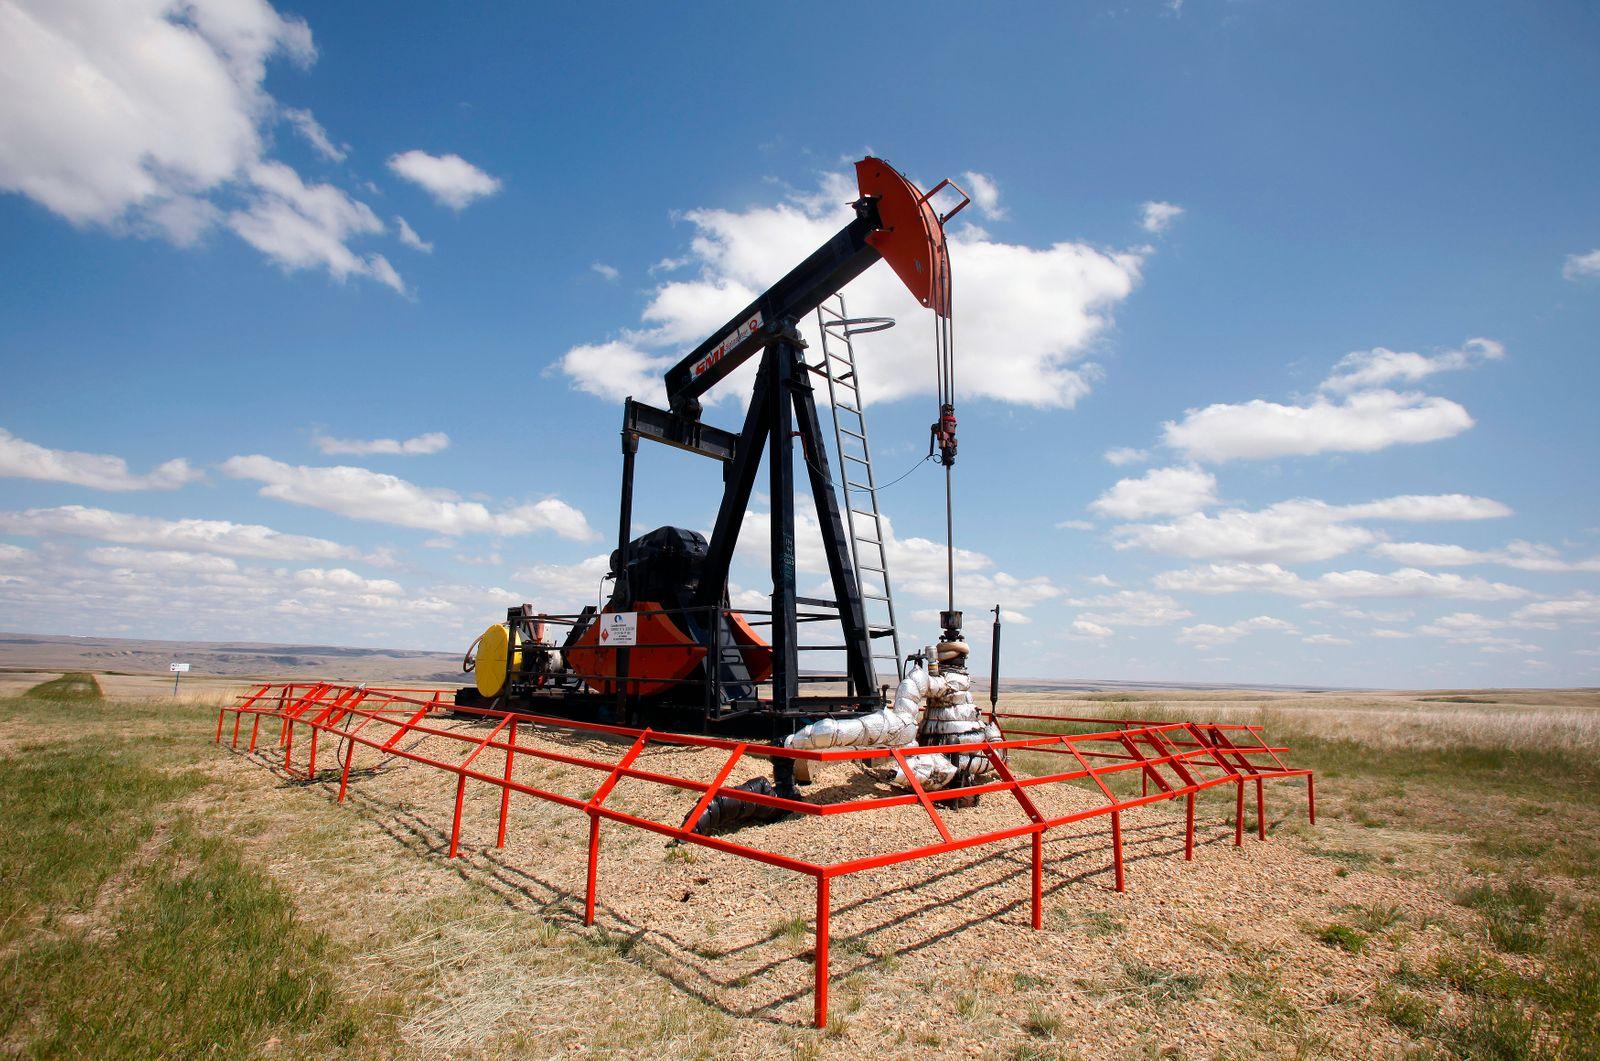 Öl / pump jack / Alberta, Kanada